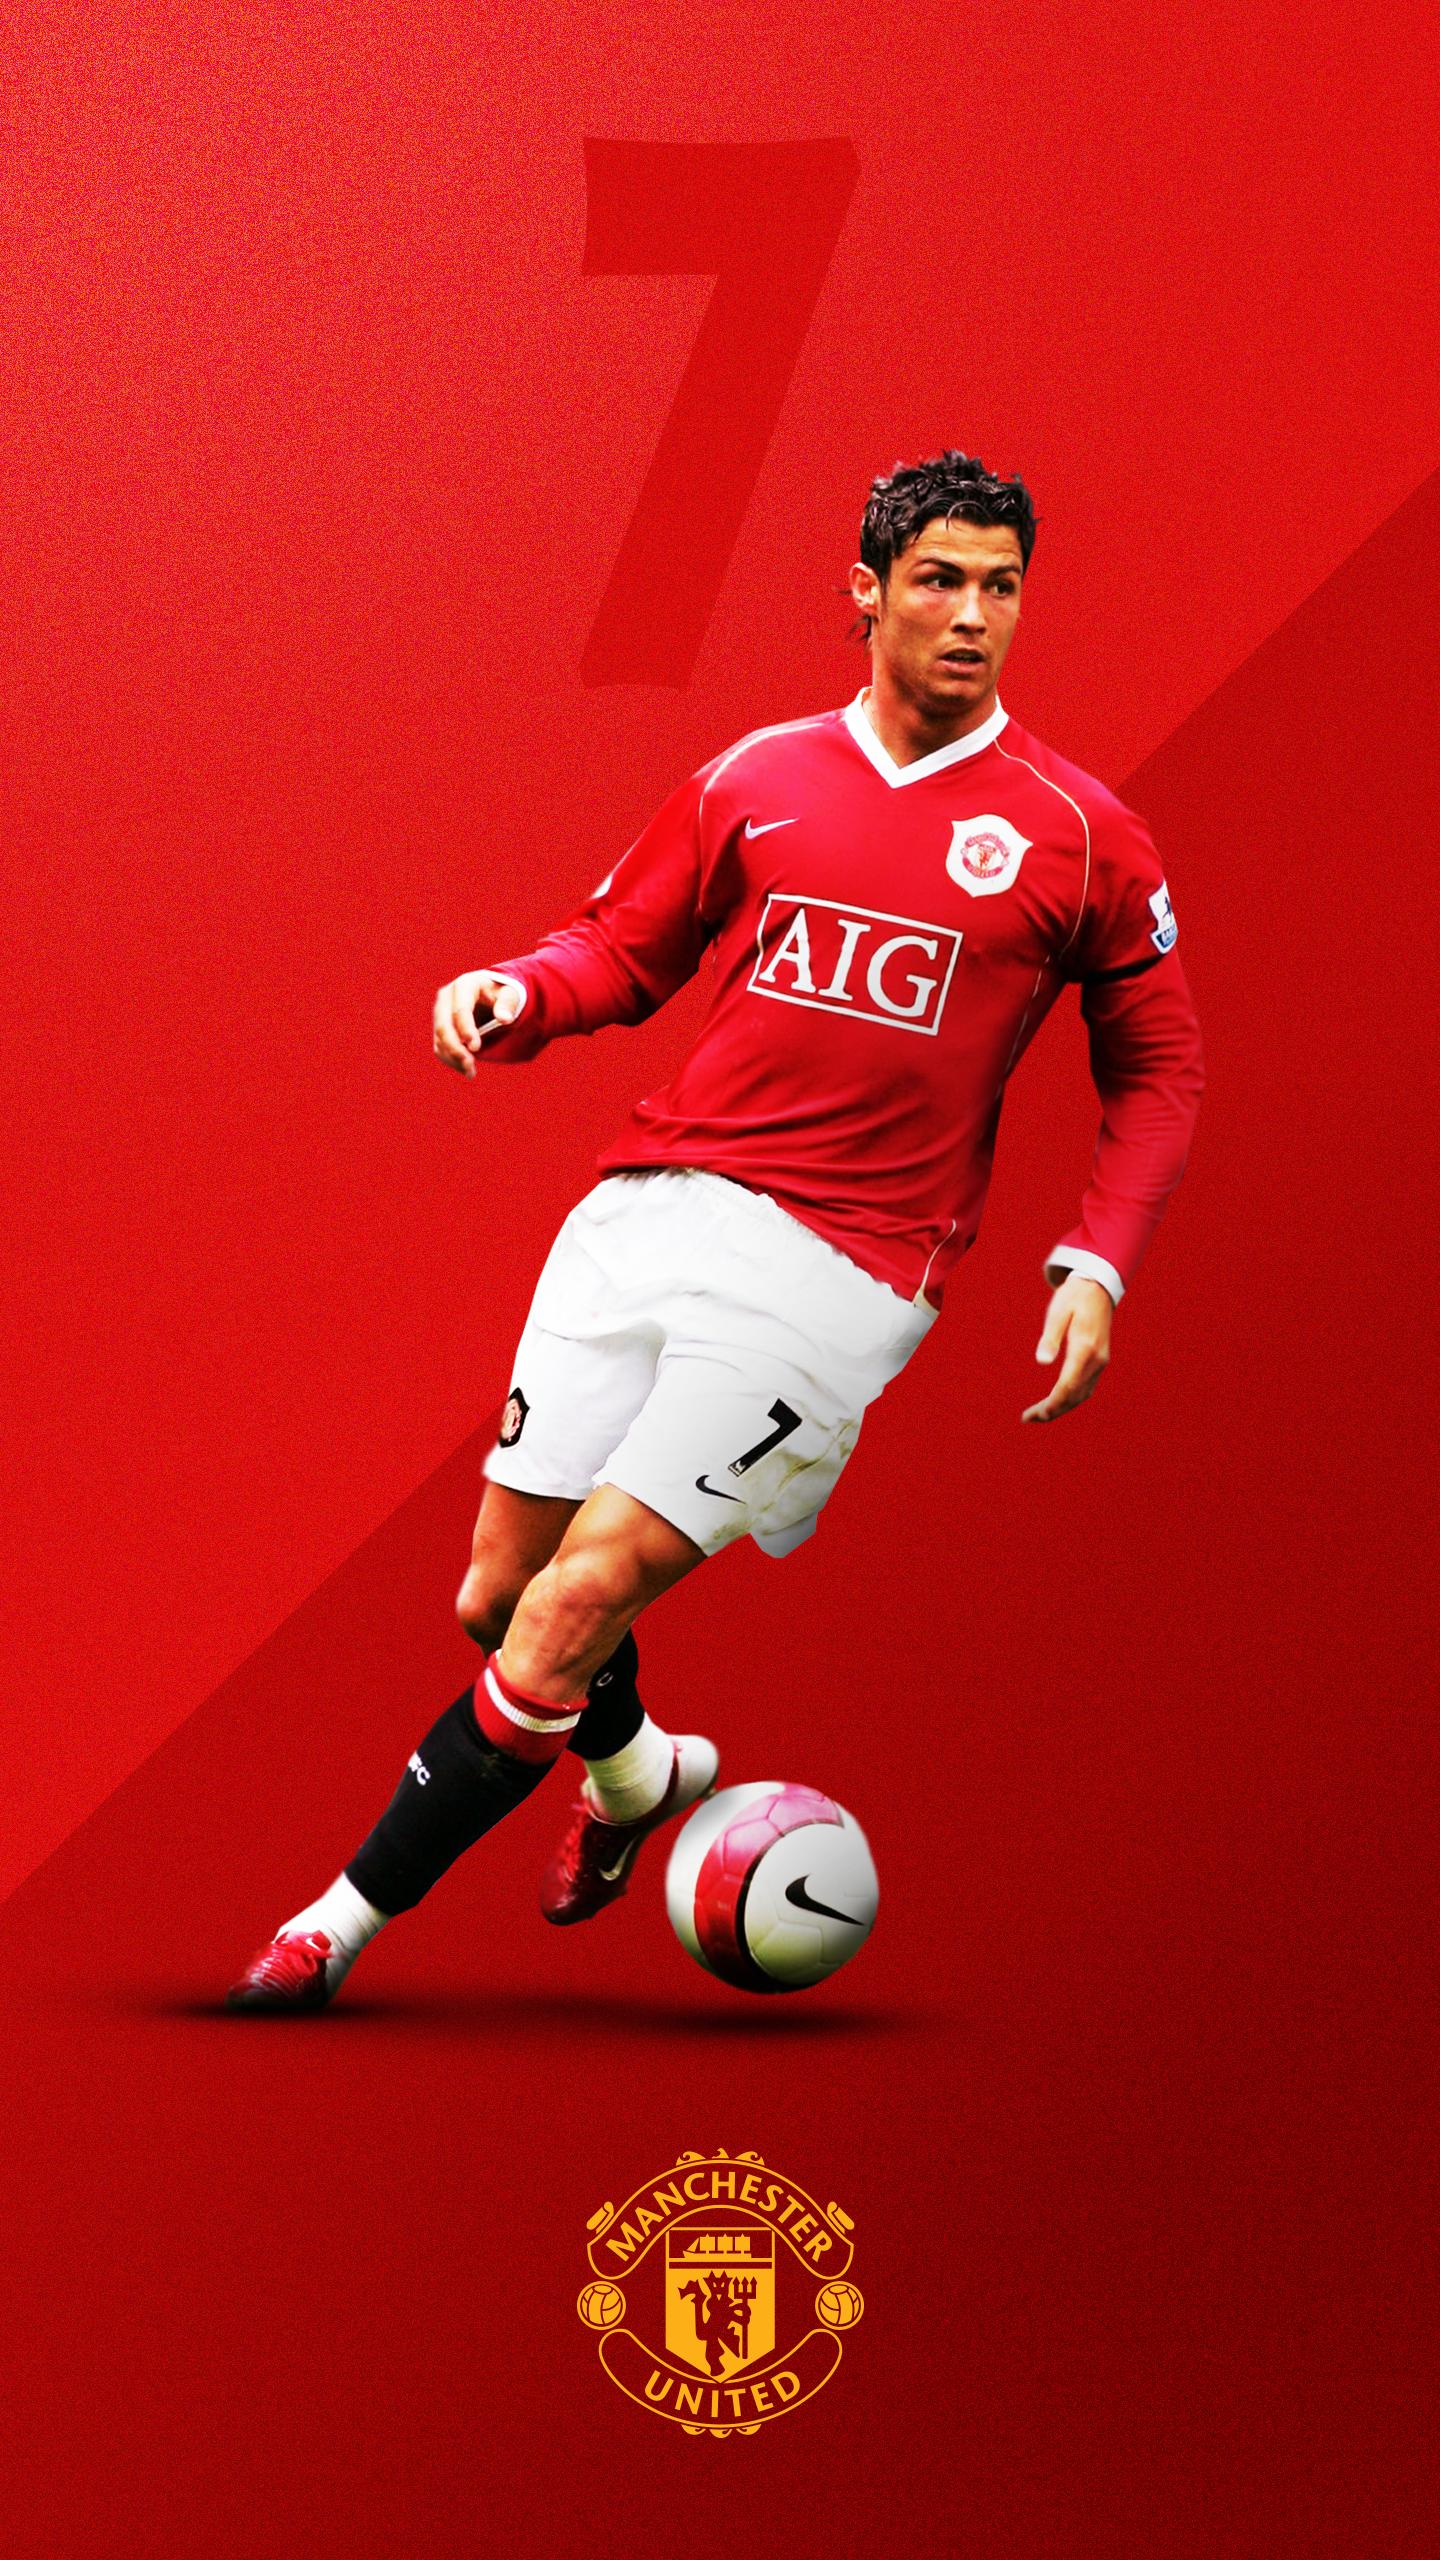 Cristiano Ronaldo Manchester United Wallpaper Hd